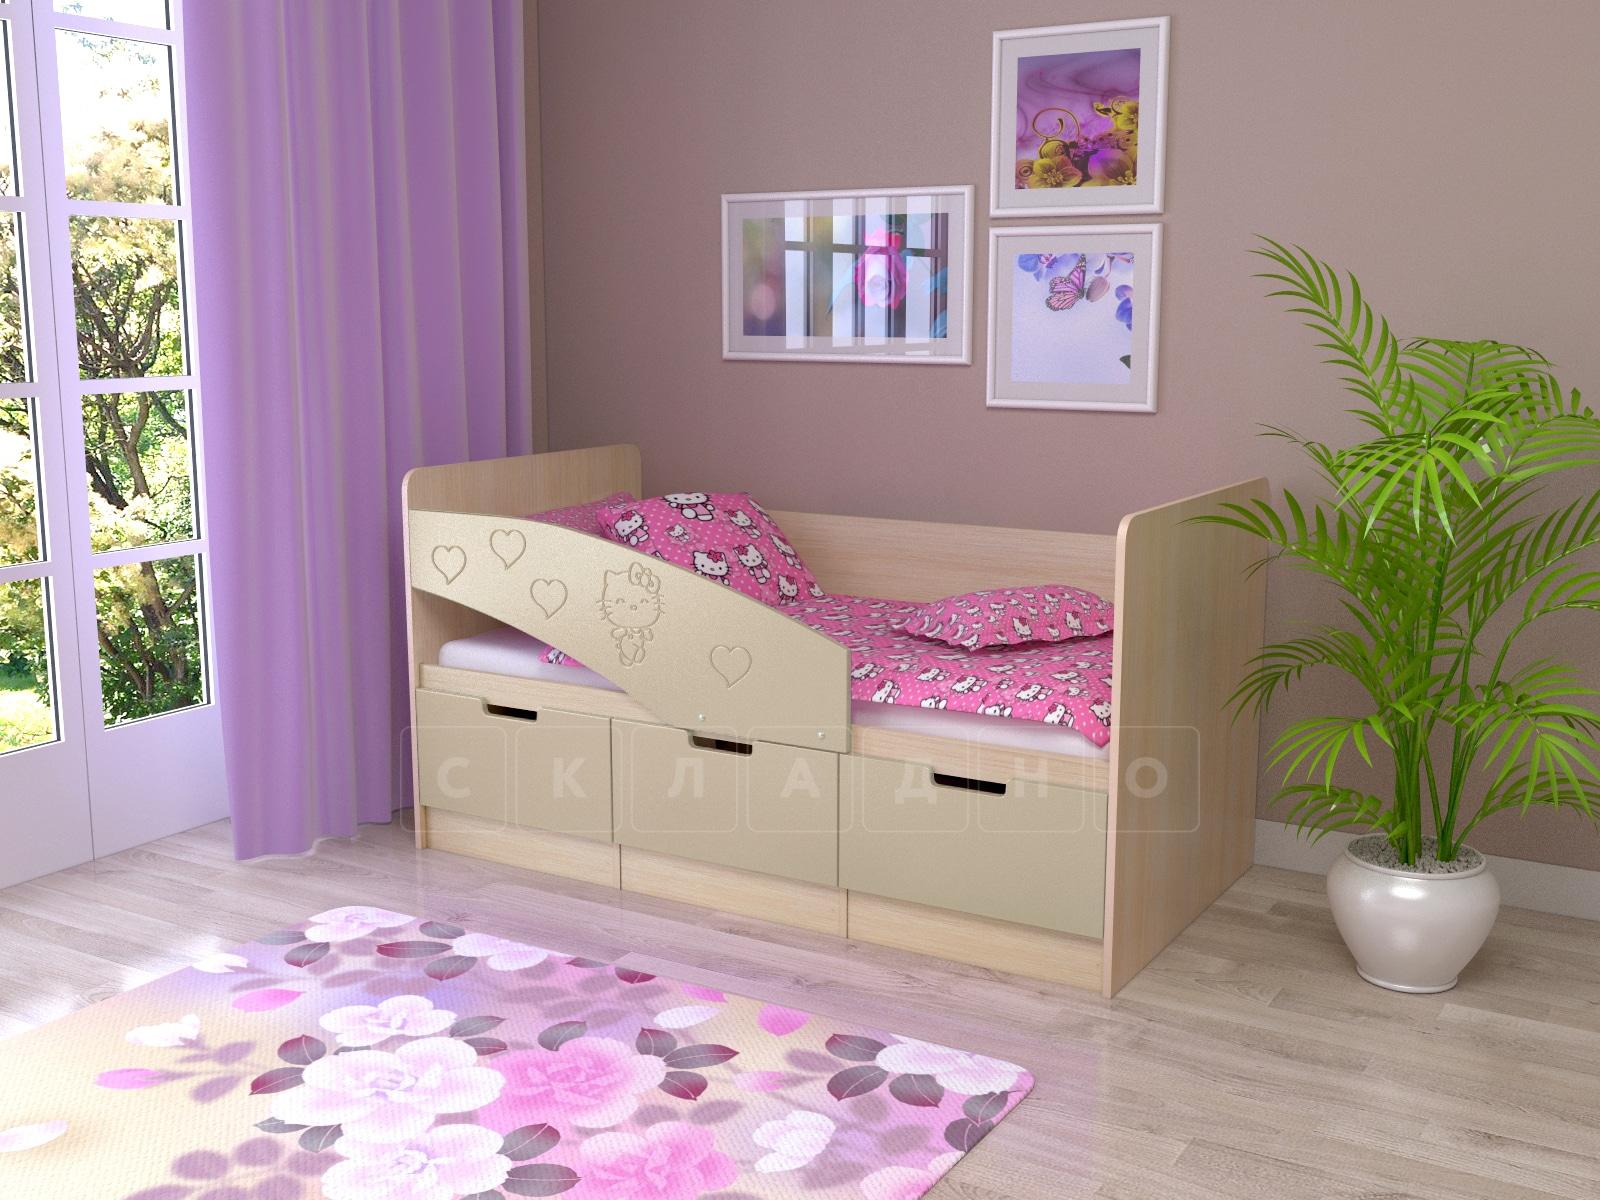 Детская кровать Бемби-7 Hello Kitty фото 4 | интернет-магазин Складно